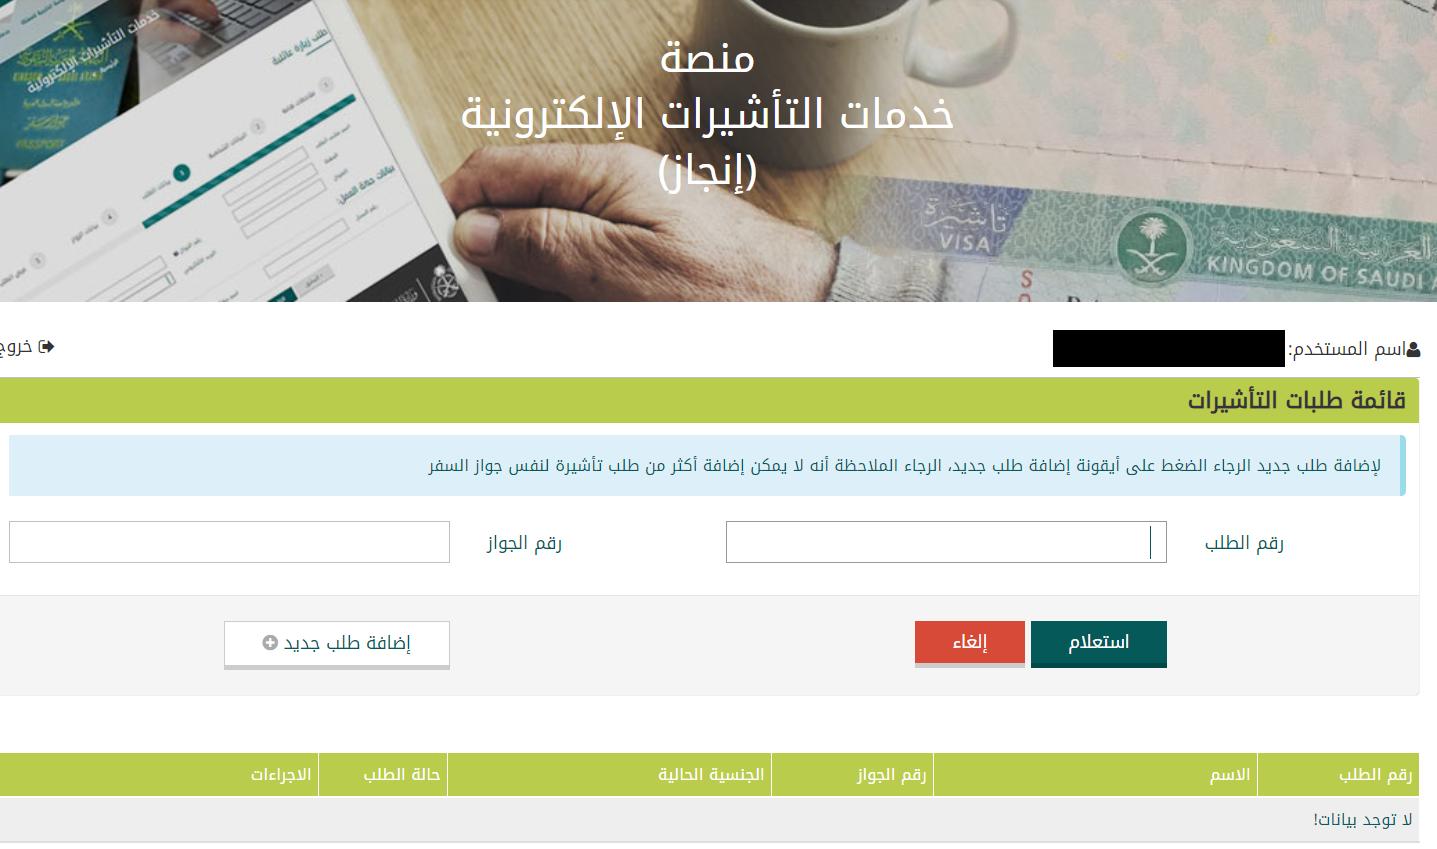 دليل المغتربين للمملكة العربية السعودية خطوات استخراج تأشيرة زيارة عائلية للسعودية